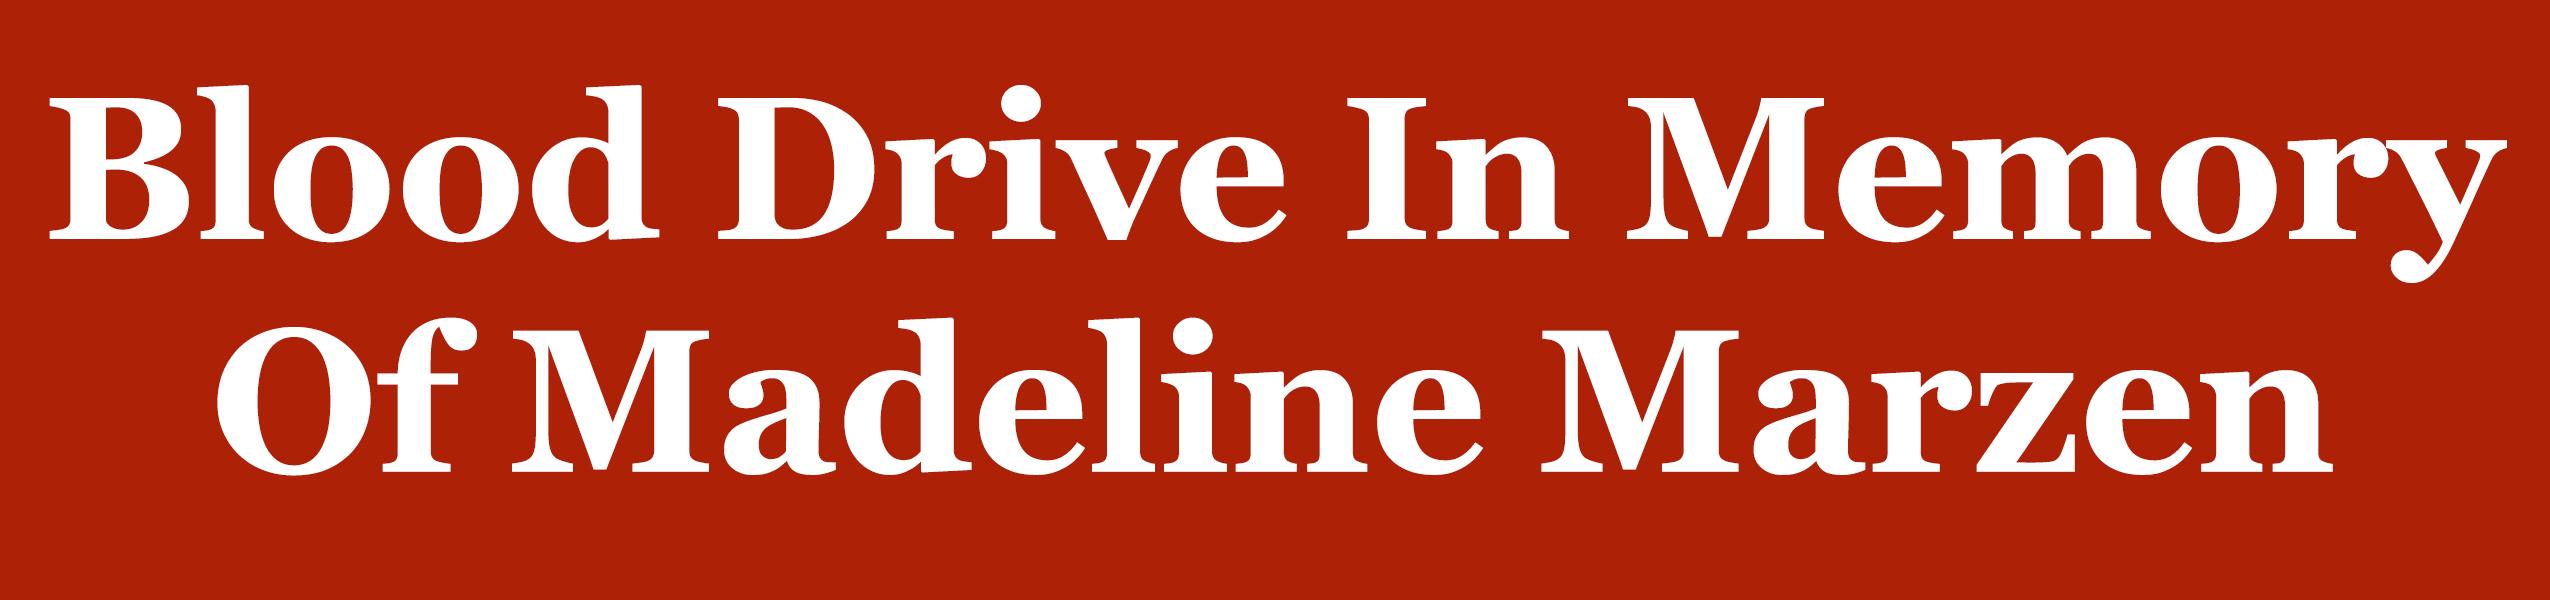 Madeline Marzen Memorial Drive